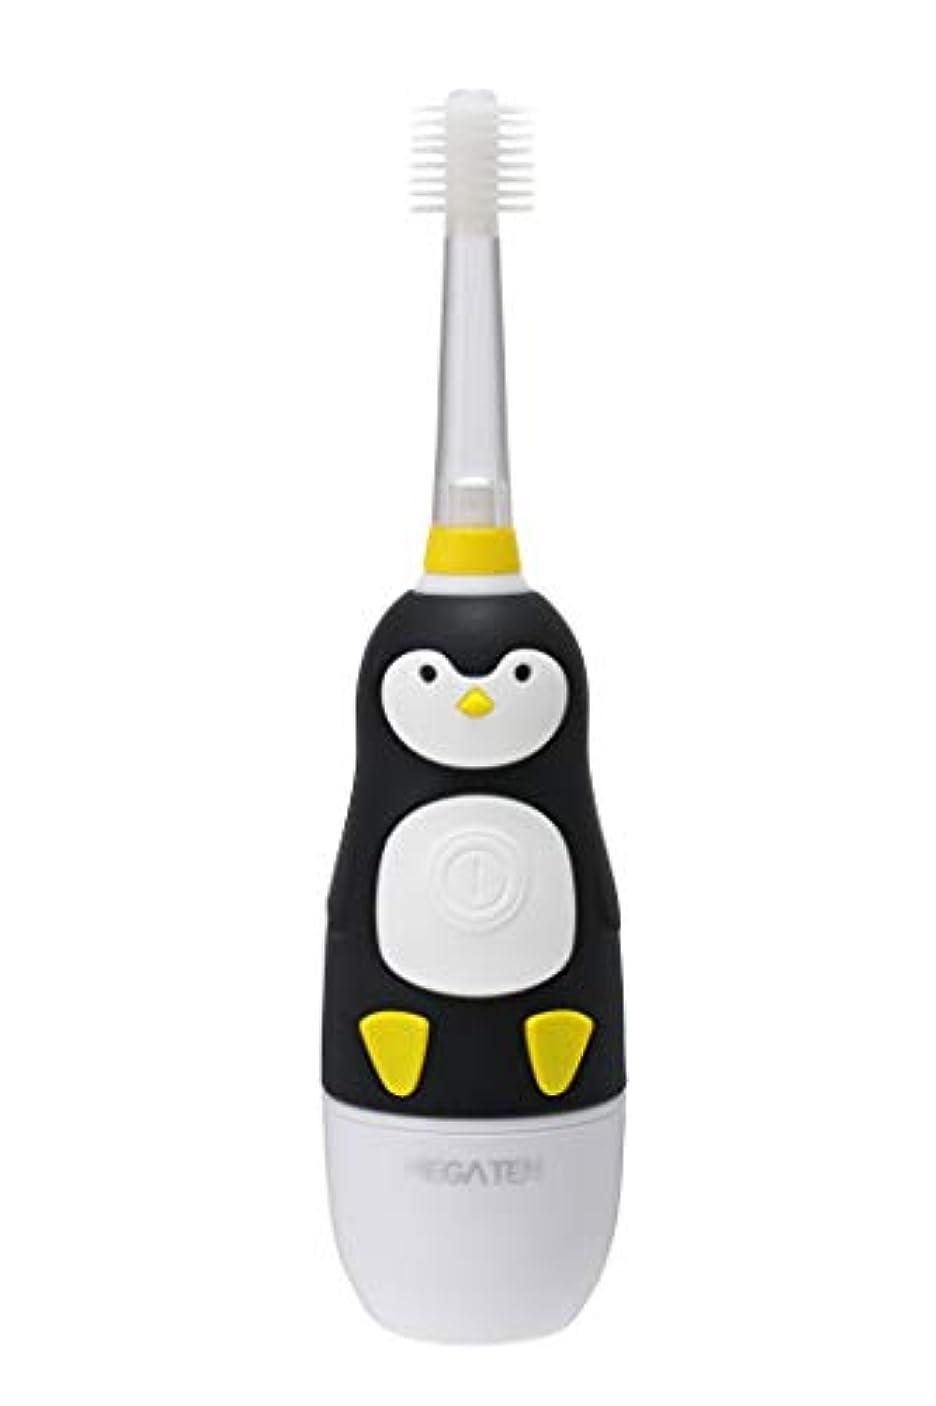 有能なお香英語の授業がありますVIVATEC(ビバテック) 子供用電動歯ブラシ ピカるん ぶるぶるはぶらし ぺんぎん 23cm